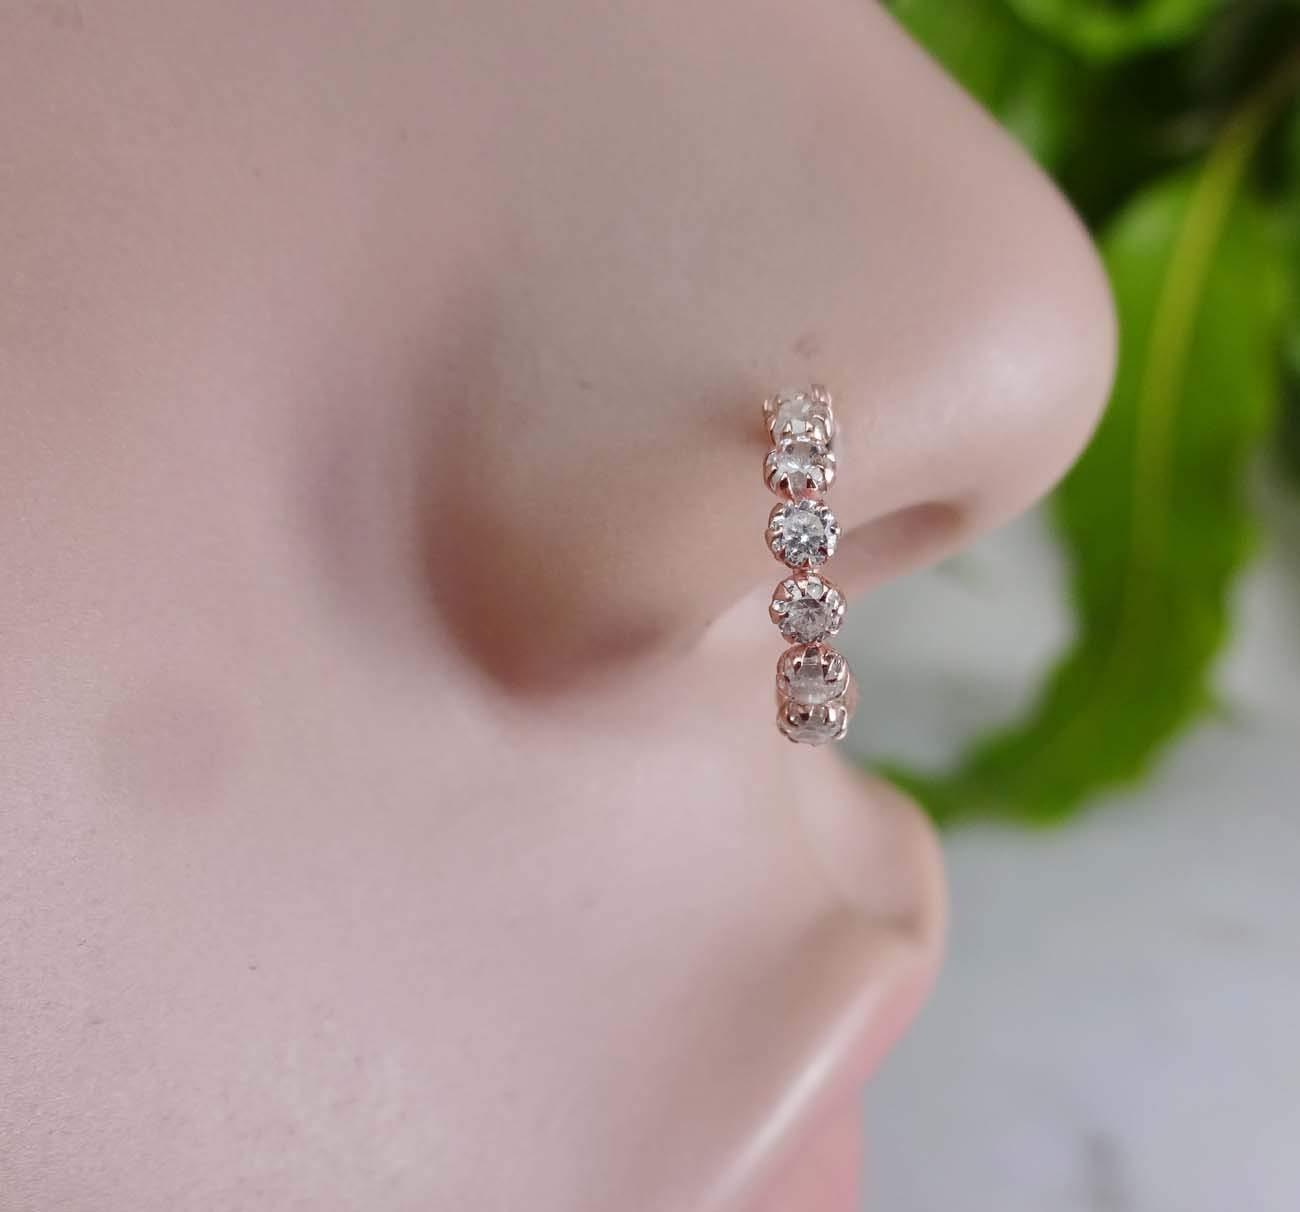 Crystal Nose Ring,Rose Gold Nose Ring,Diamond Nose Stud,Monroe Piercing,Crystal Gold Piercing,Indian Nose Jewelry,Indian Nose Ring,Indian Gold Piercing,Gold Nose Hoop,Gold Nose Ring(TEJ607)